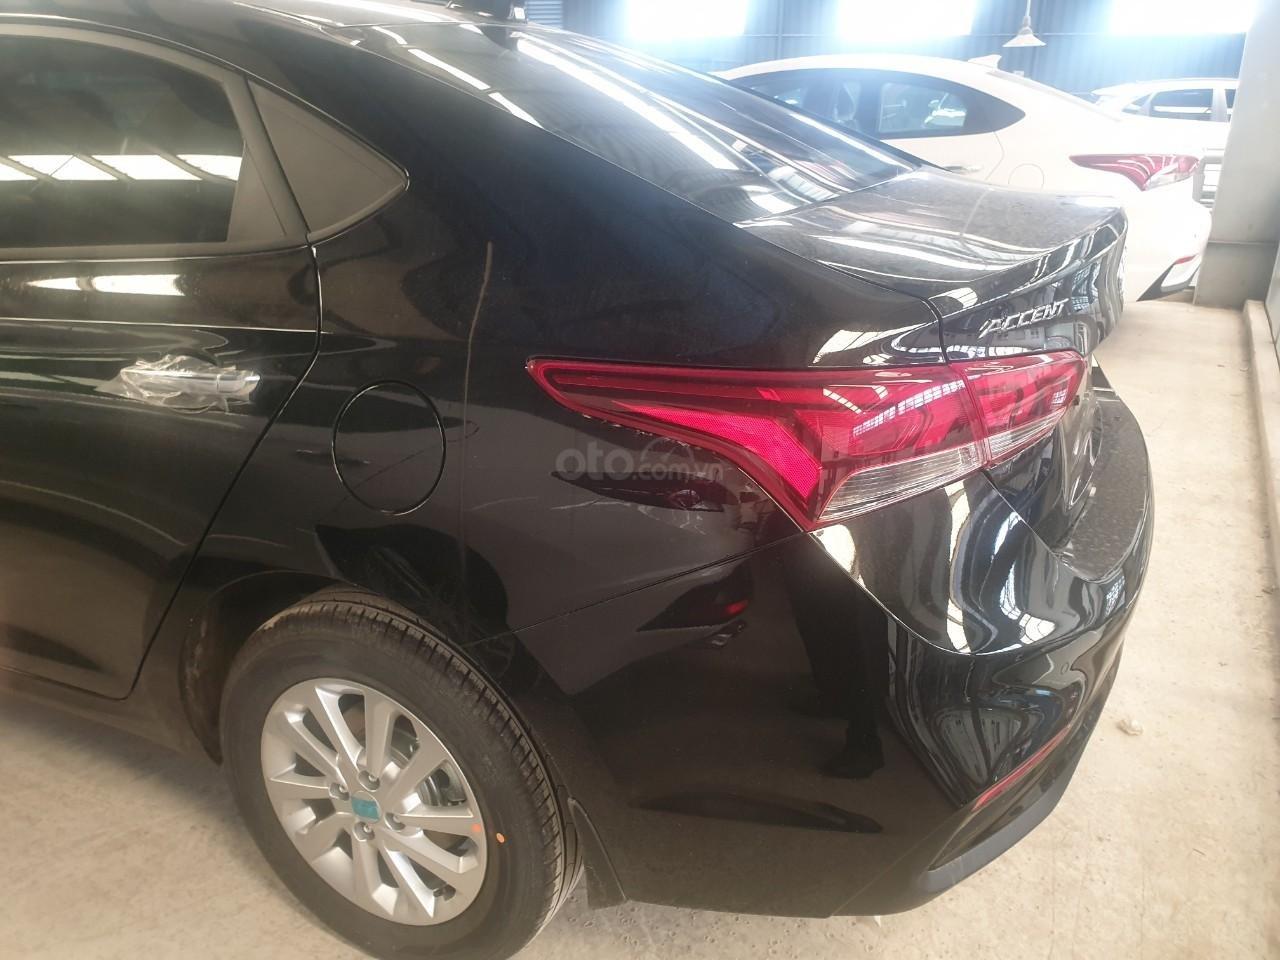 Bán Hyundai Accent số 2019, đủ màu trả trước 150tr, liên hệ Mr. Quang 0936167272 (4)